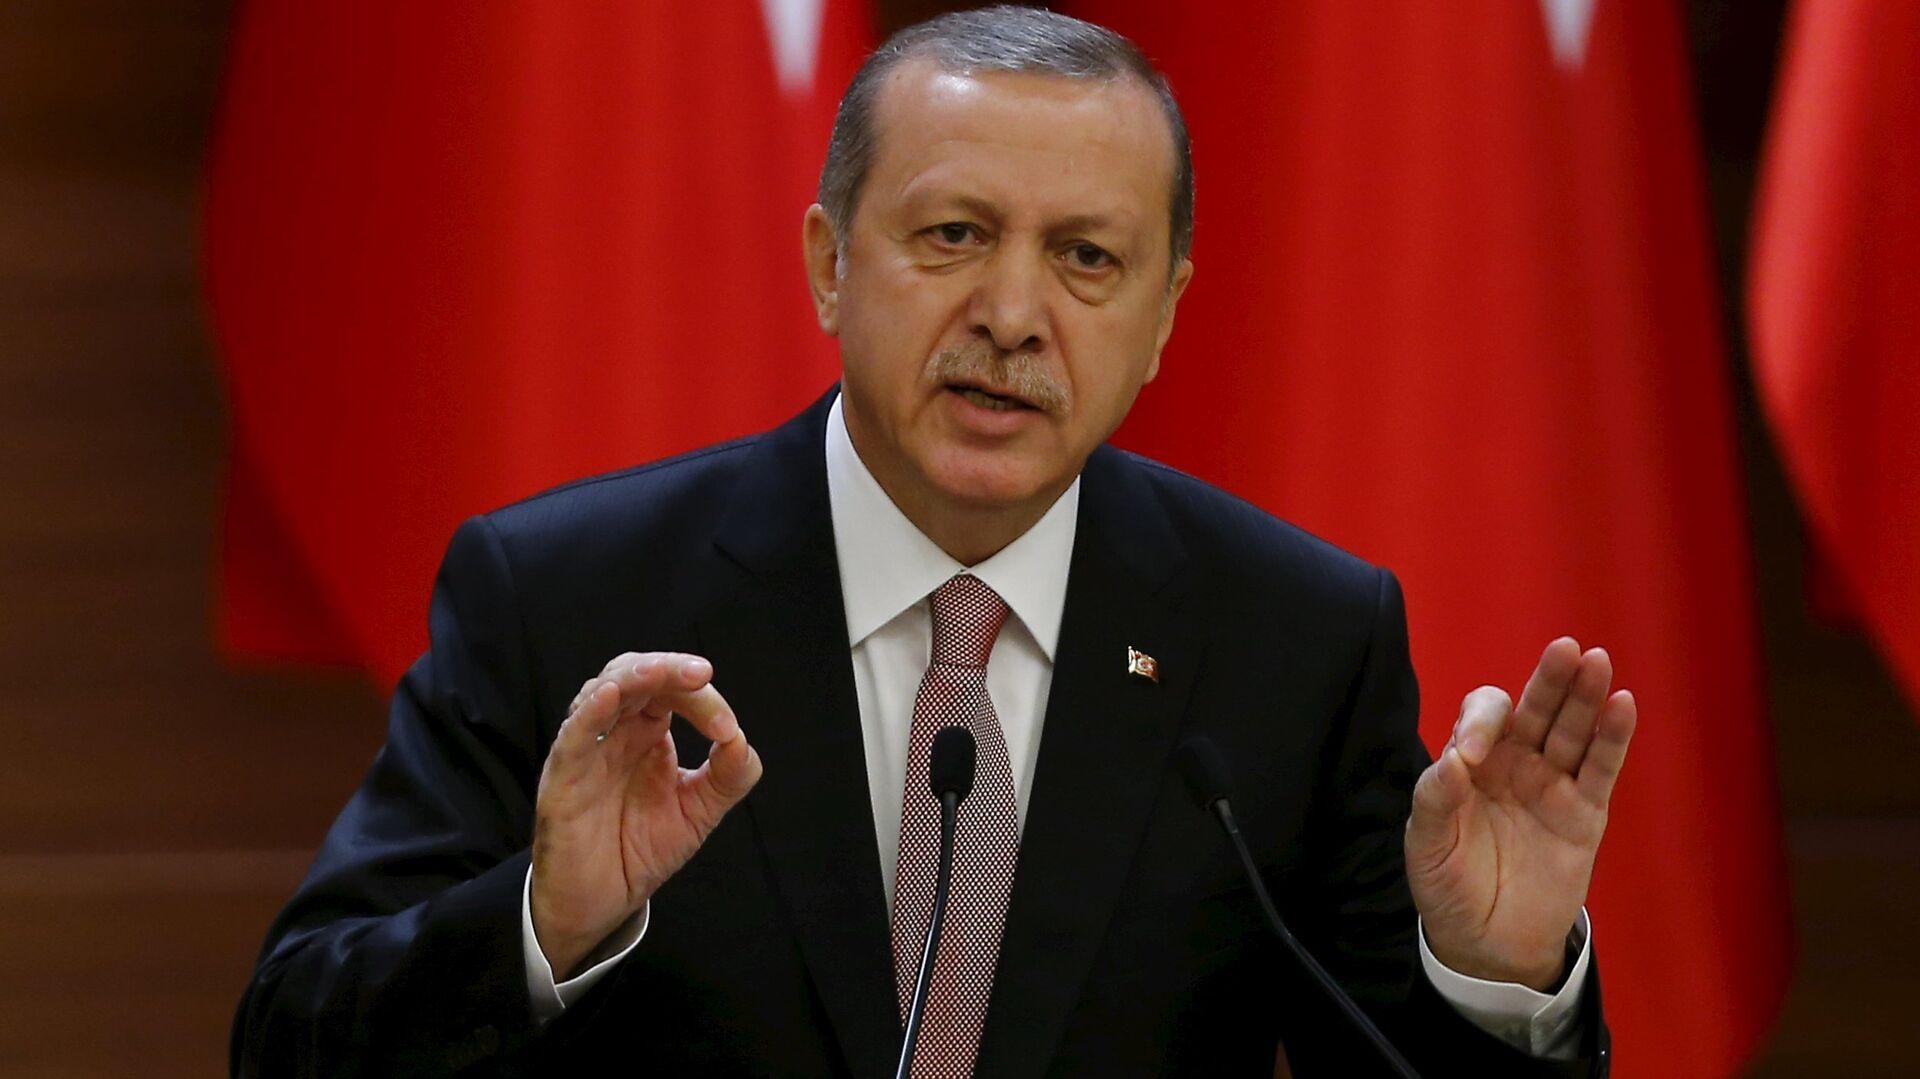 Recep Tayyip Erdogan, presidente de Turquía - Sputnik Mundo, 1920, 11.04.2021